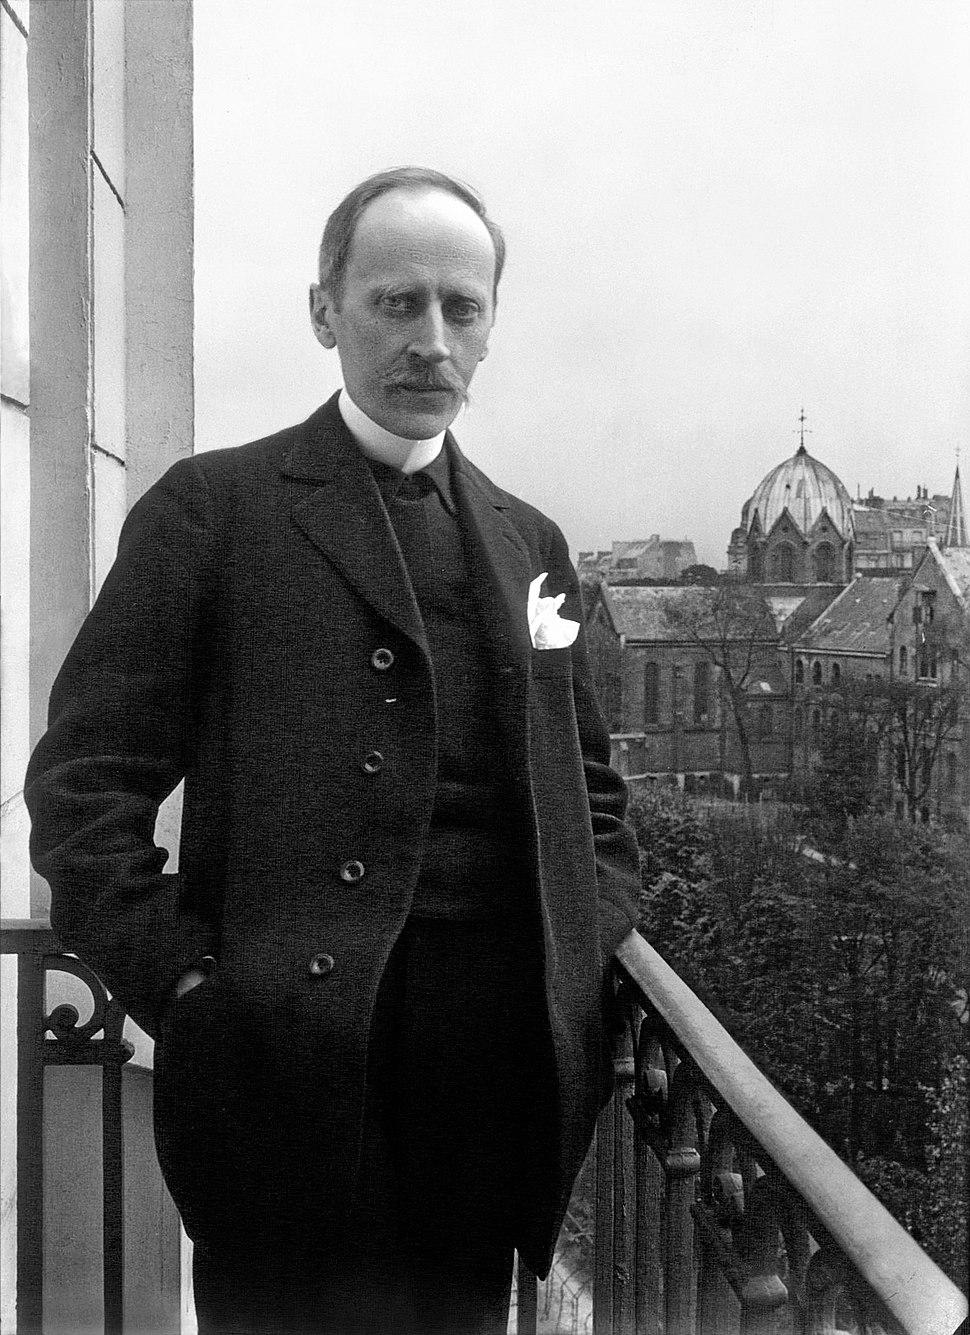 Romain Rolland de face au balcon, Meurisse, 1914 retouche